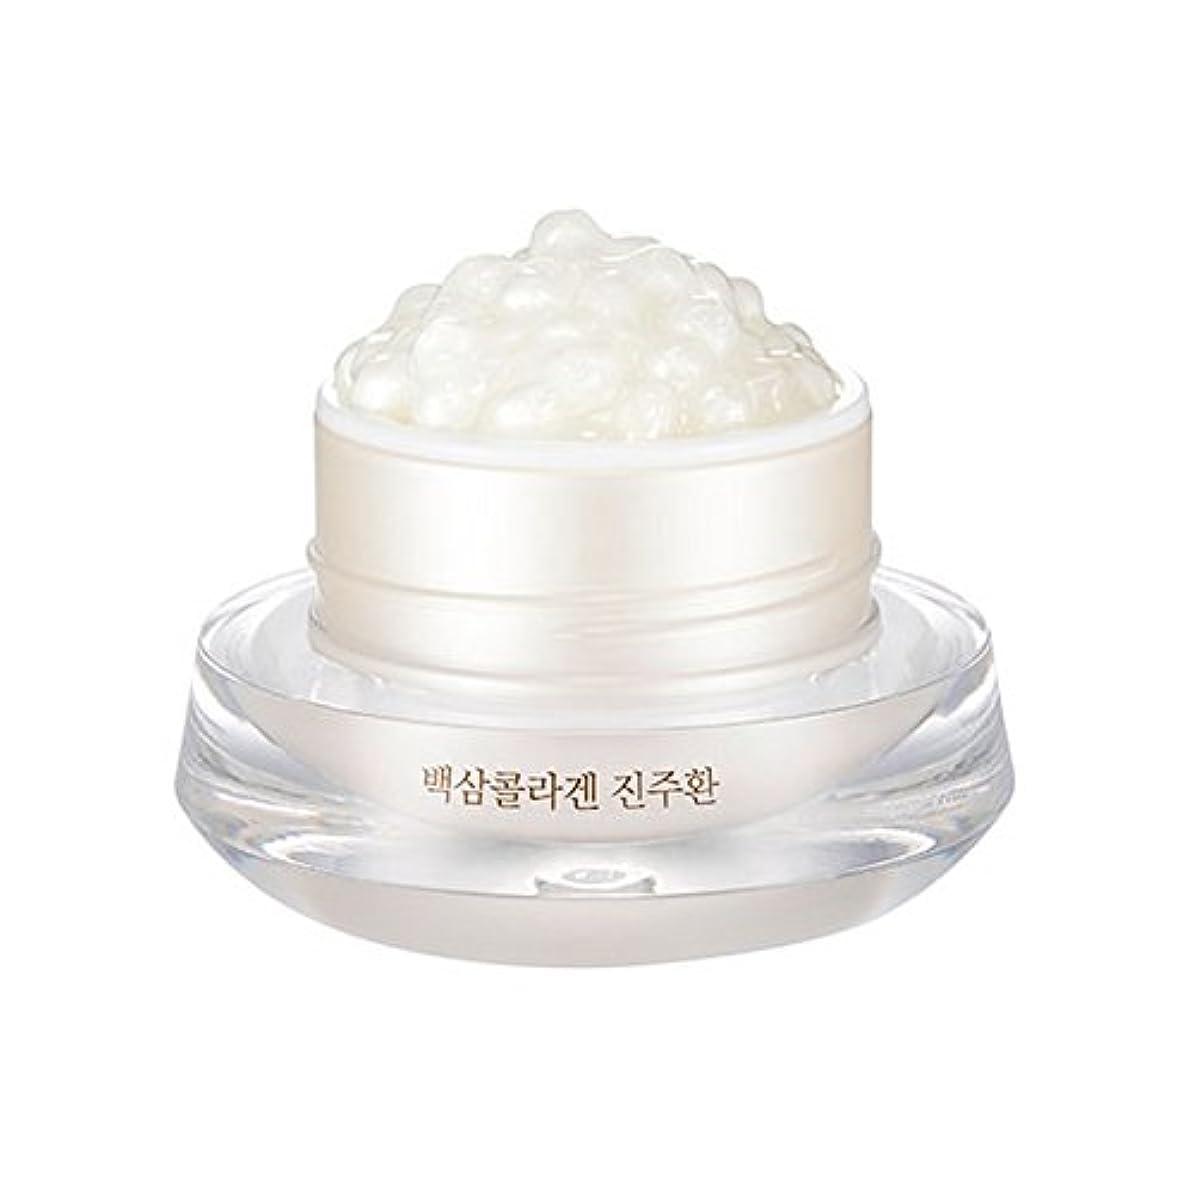 太平洋諸島傾向がありますサイクル[ザ?フェイスショップ] The Face Shop 白参 コラーゲン パール カプセルクリーム White Ginseng Collagen Pearl Capsule Cream [並行輸入品]